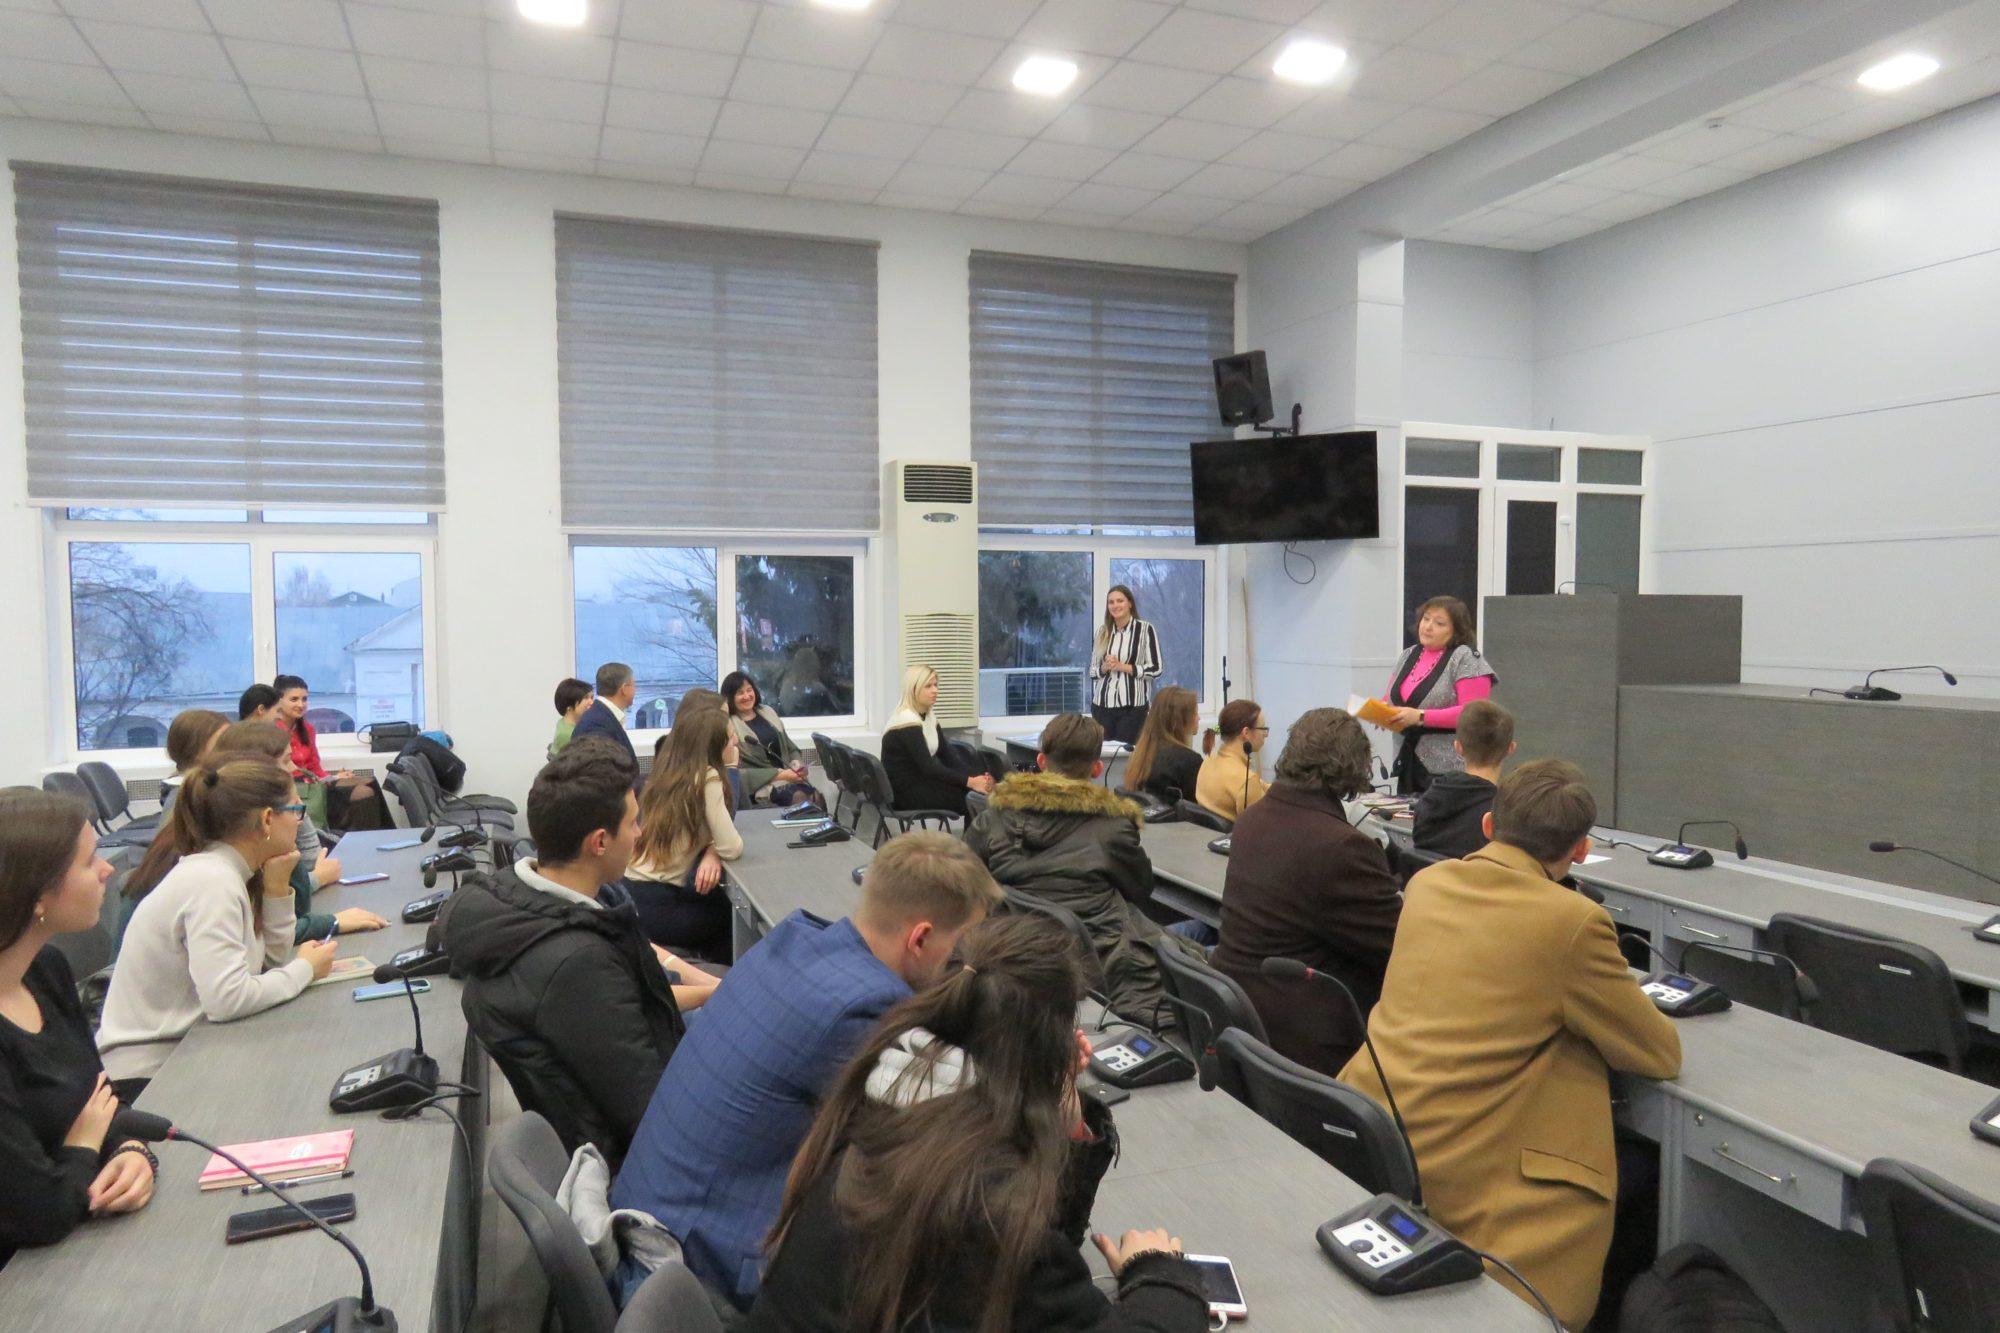 Білоцерківська молодь стажується у міськраді - стажування, Біла Церква - imgbig 2 4 2000x1333